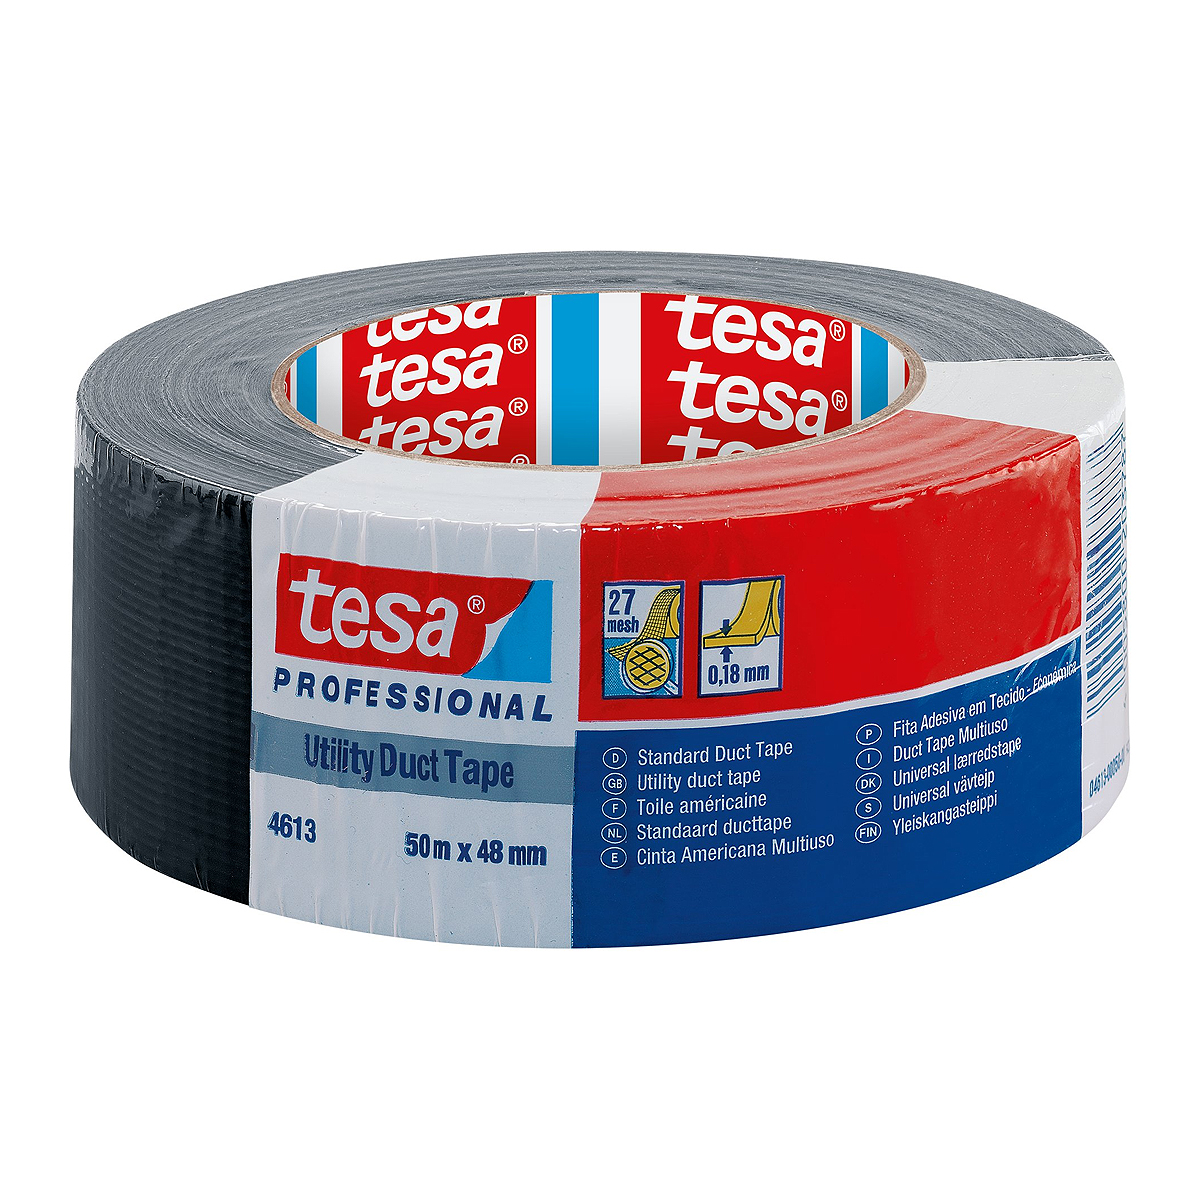 Bandă Adezivă, Duct Tape, 48 x 50 Milimetri, Tesa, 4613